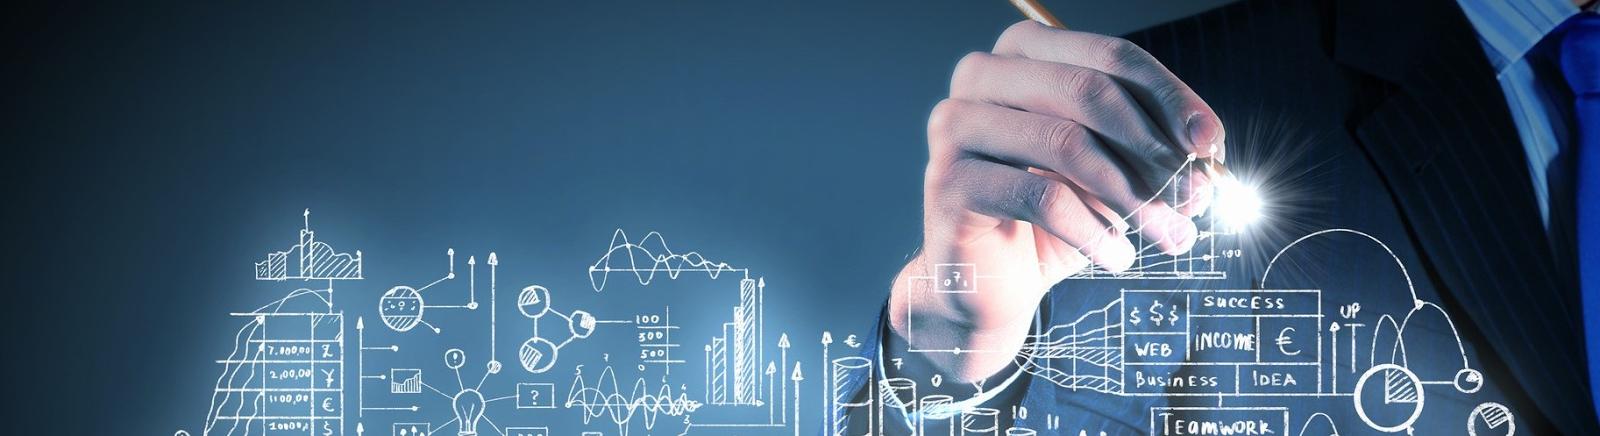 Шаг за шагом: собираем и тестируем Интернет вещей на базе платформы SAP Cloud Platform - 1